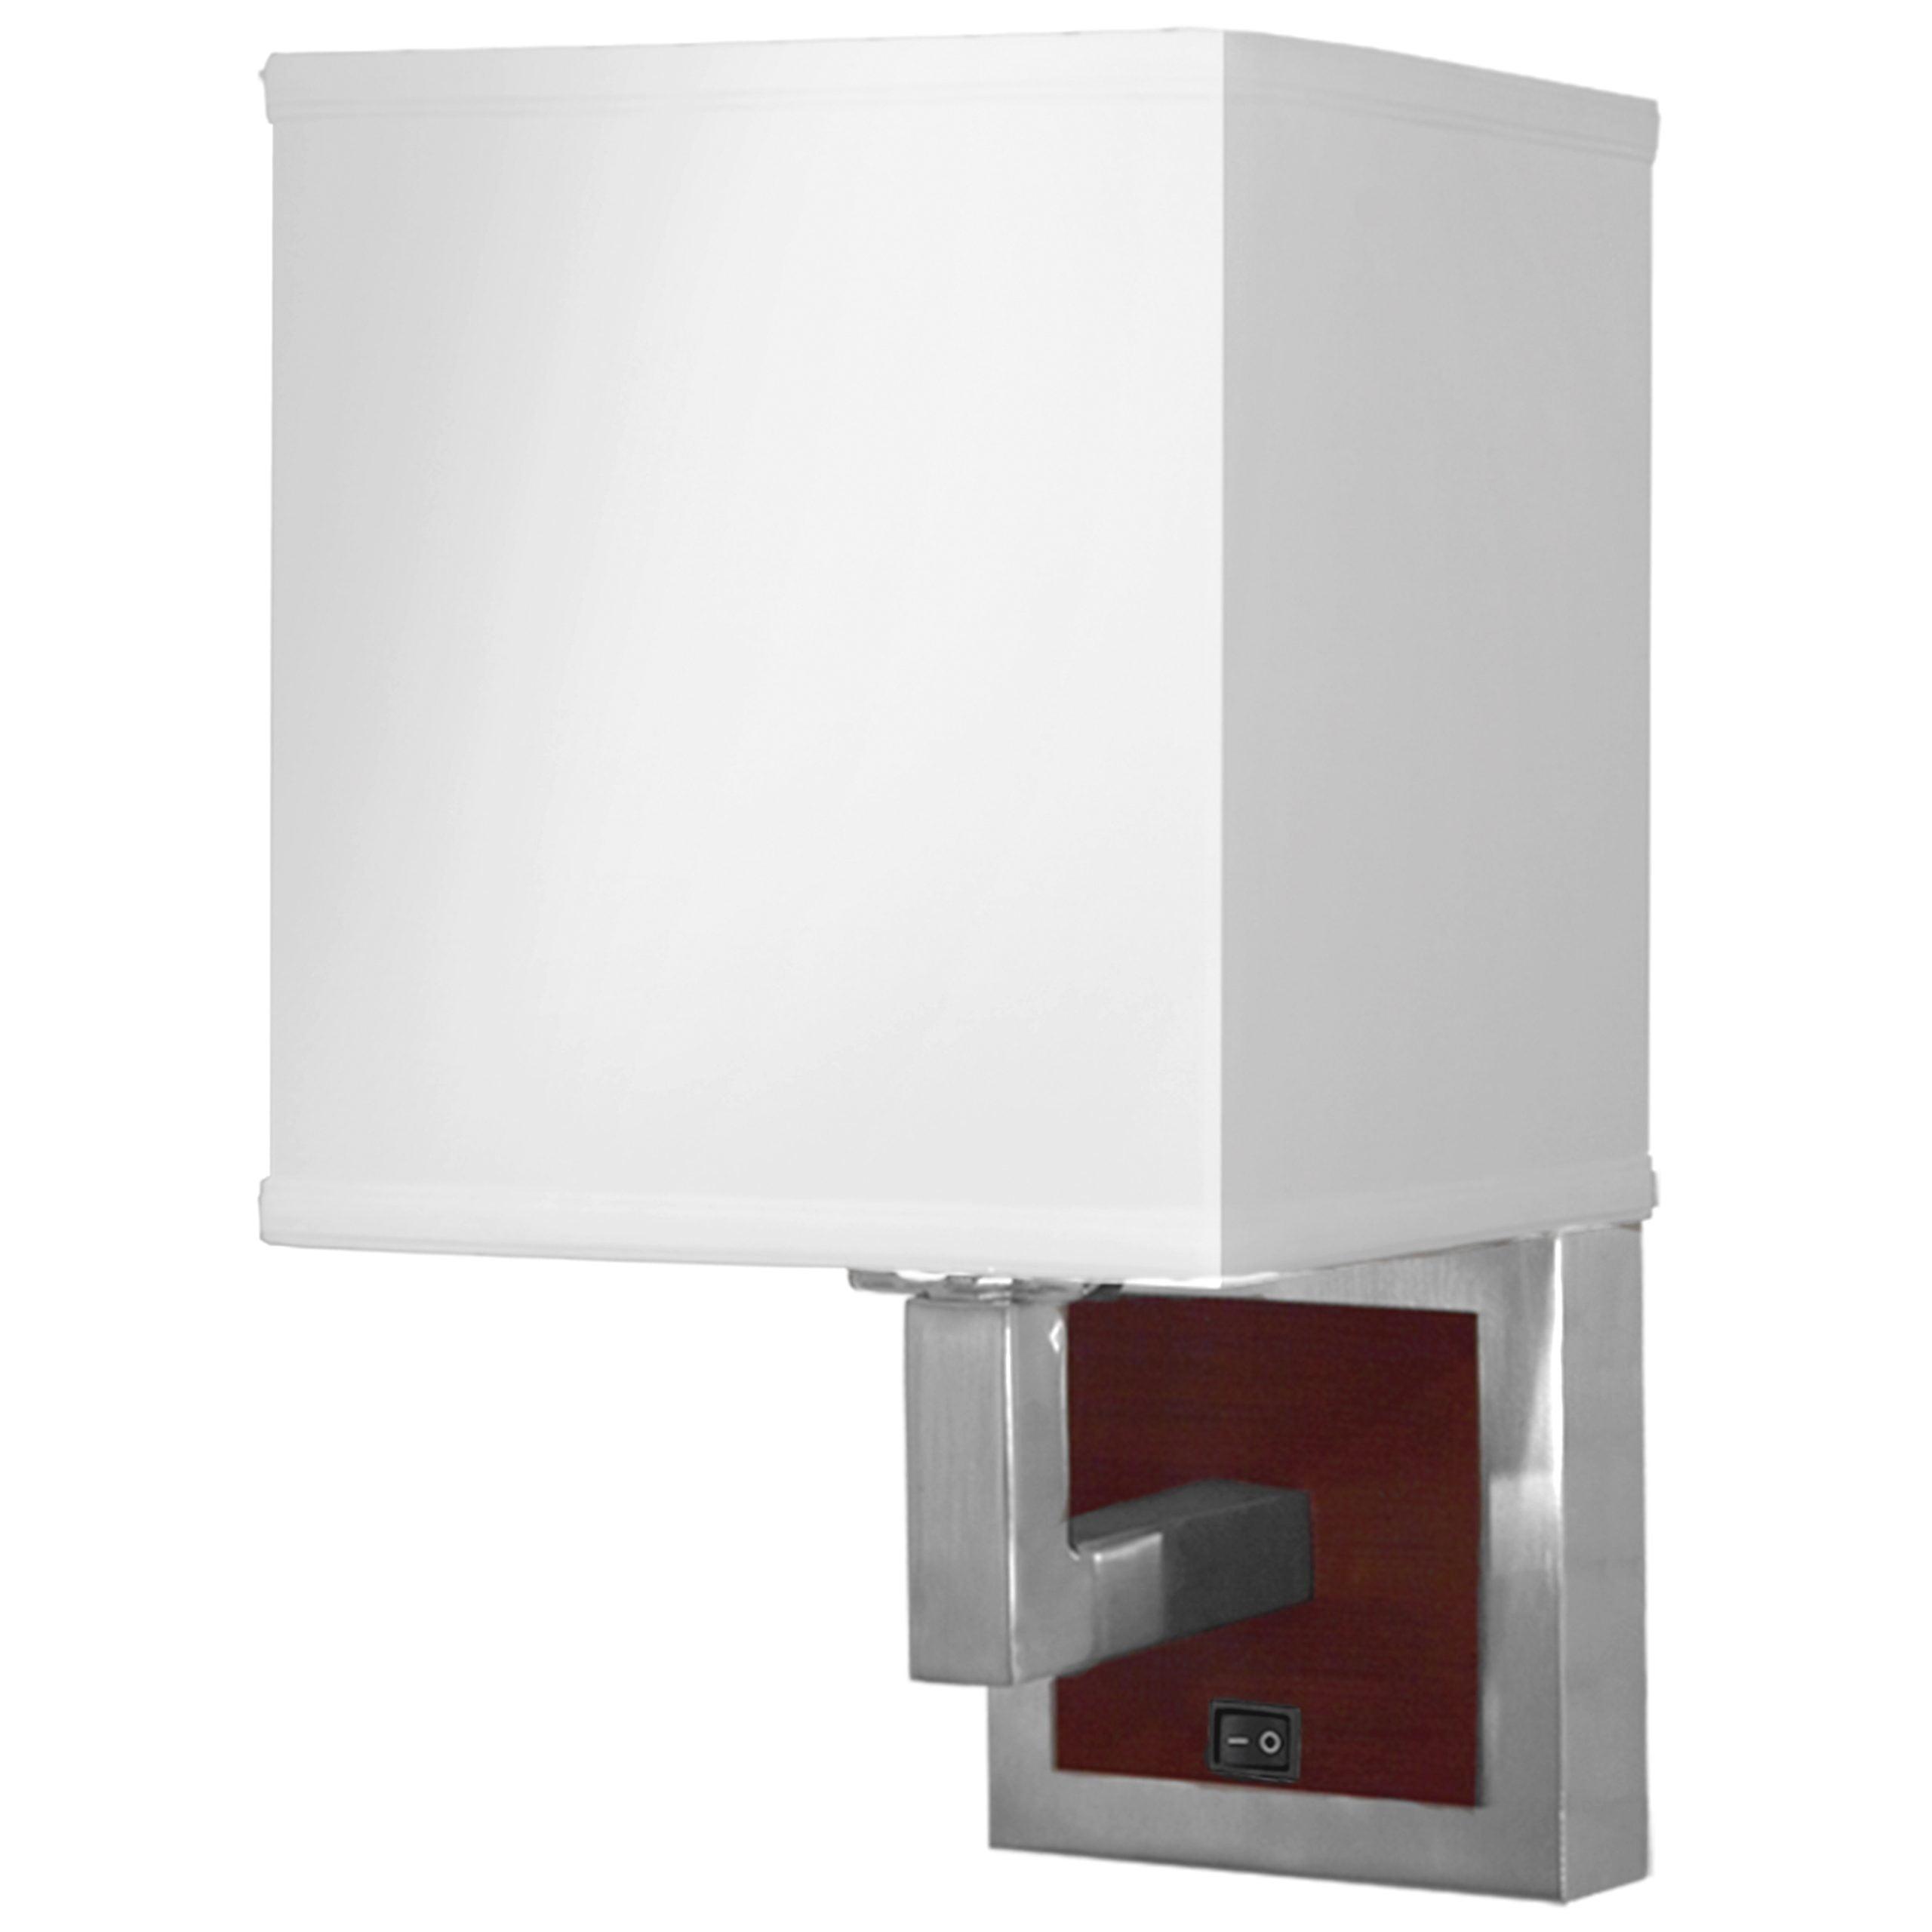 Calibri Single Wall Lamp